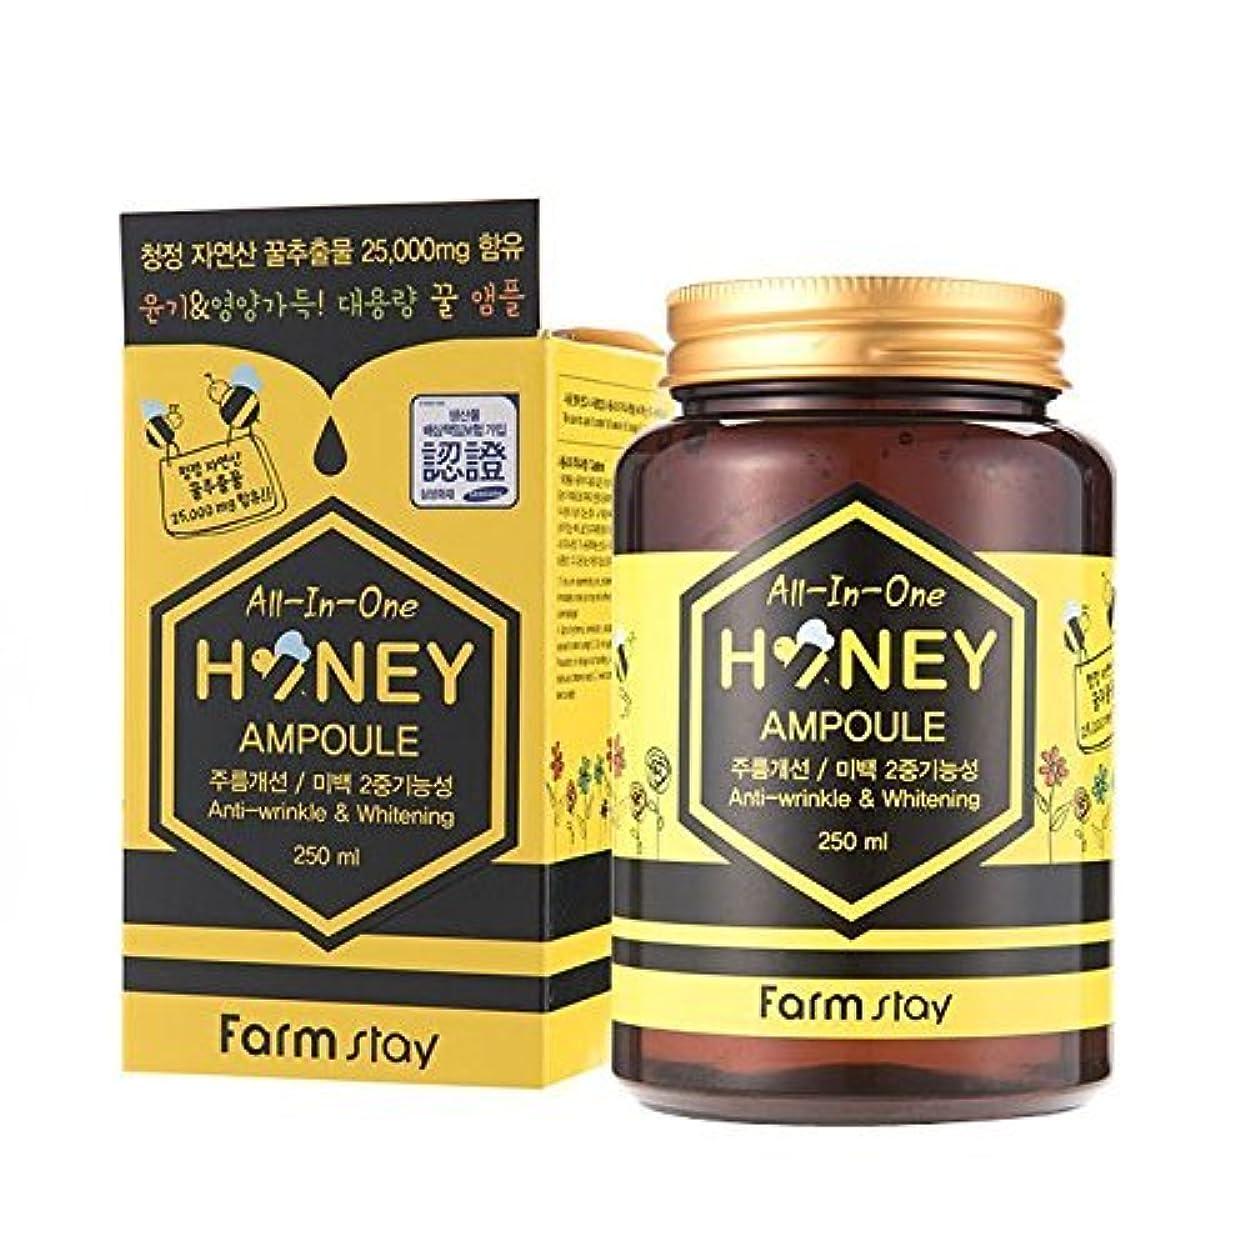 操る滅多談話ファームステイ[韓国コスメFarm Stay]All In One Honey Ampoule オールインワンハニーアンプル250ml/ローヤルゼリー、プロポリス [並行輸入品]